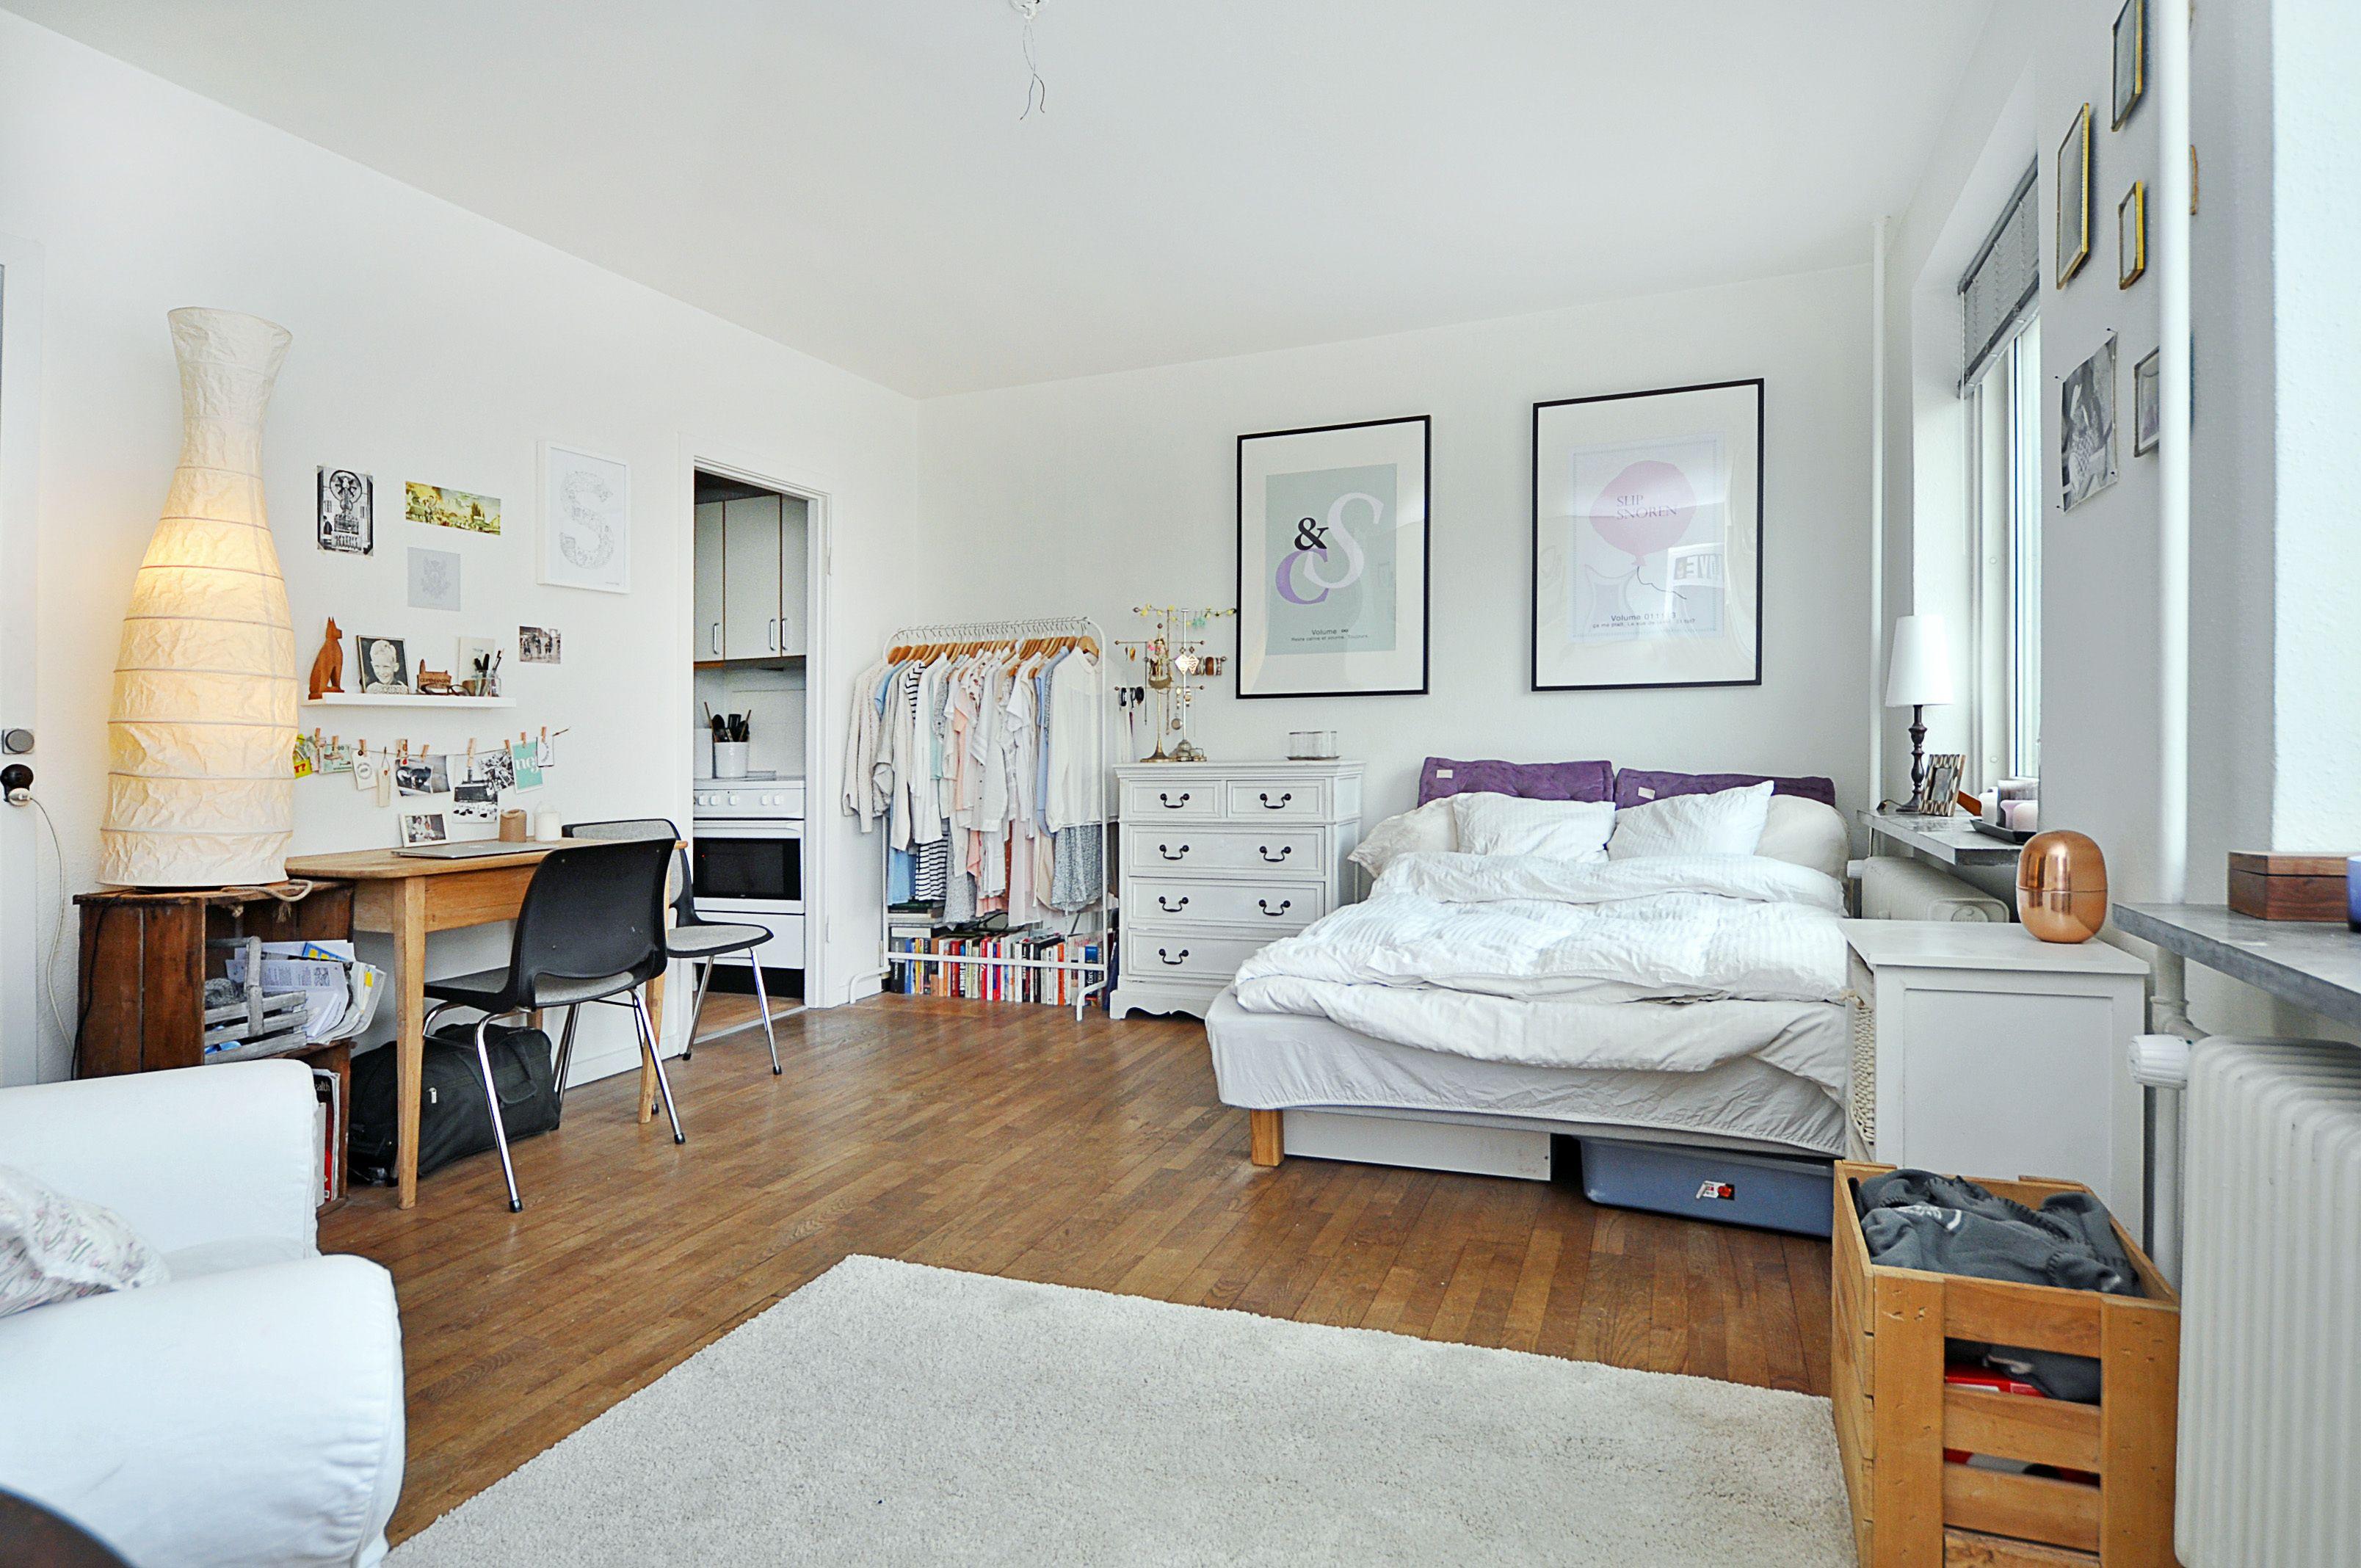 et værelses lejlighed indretning